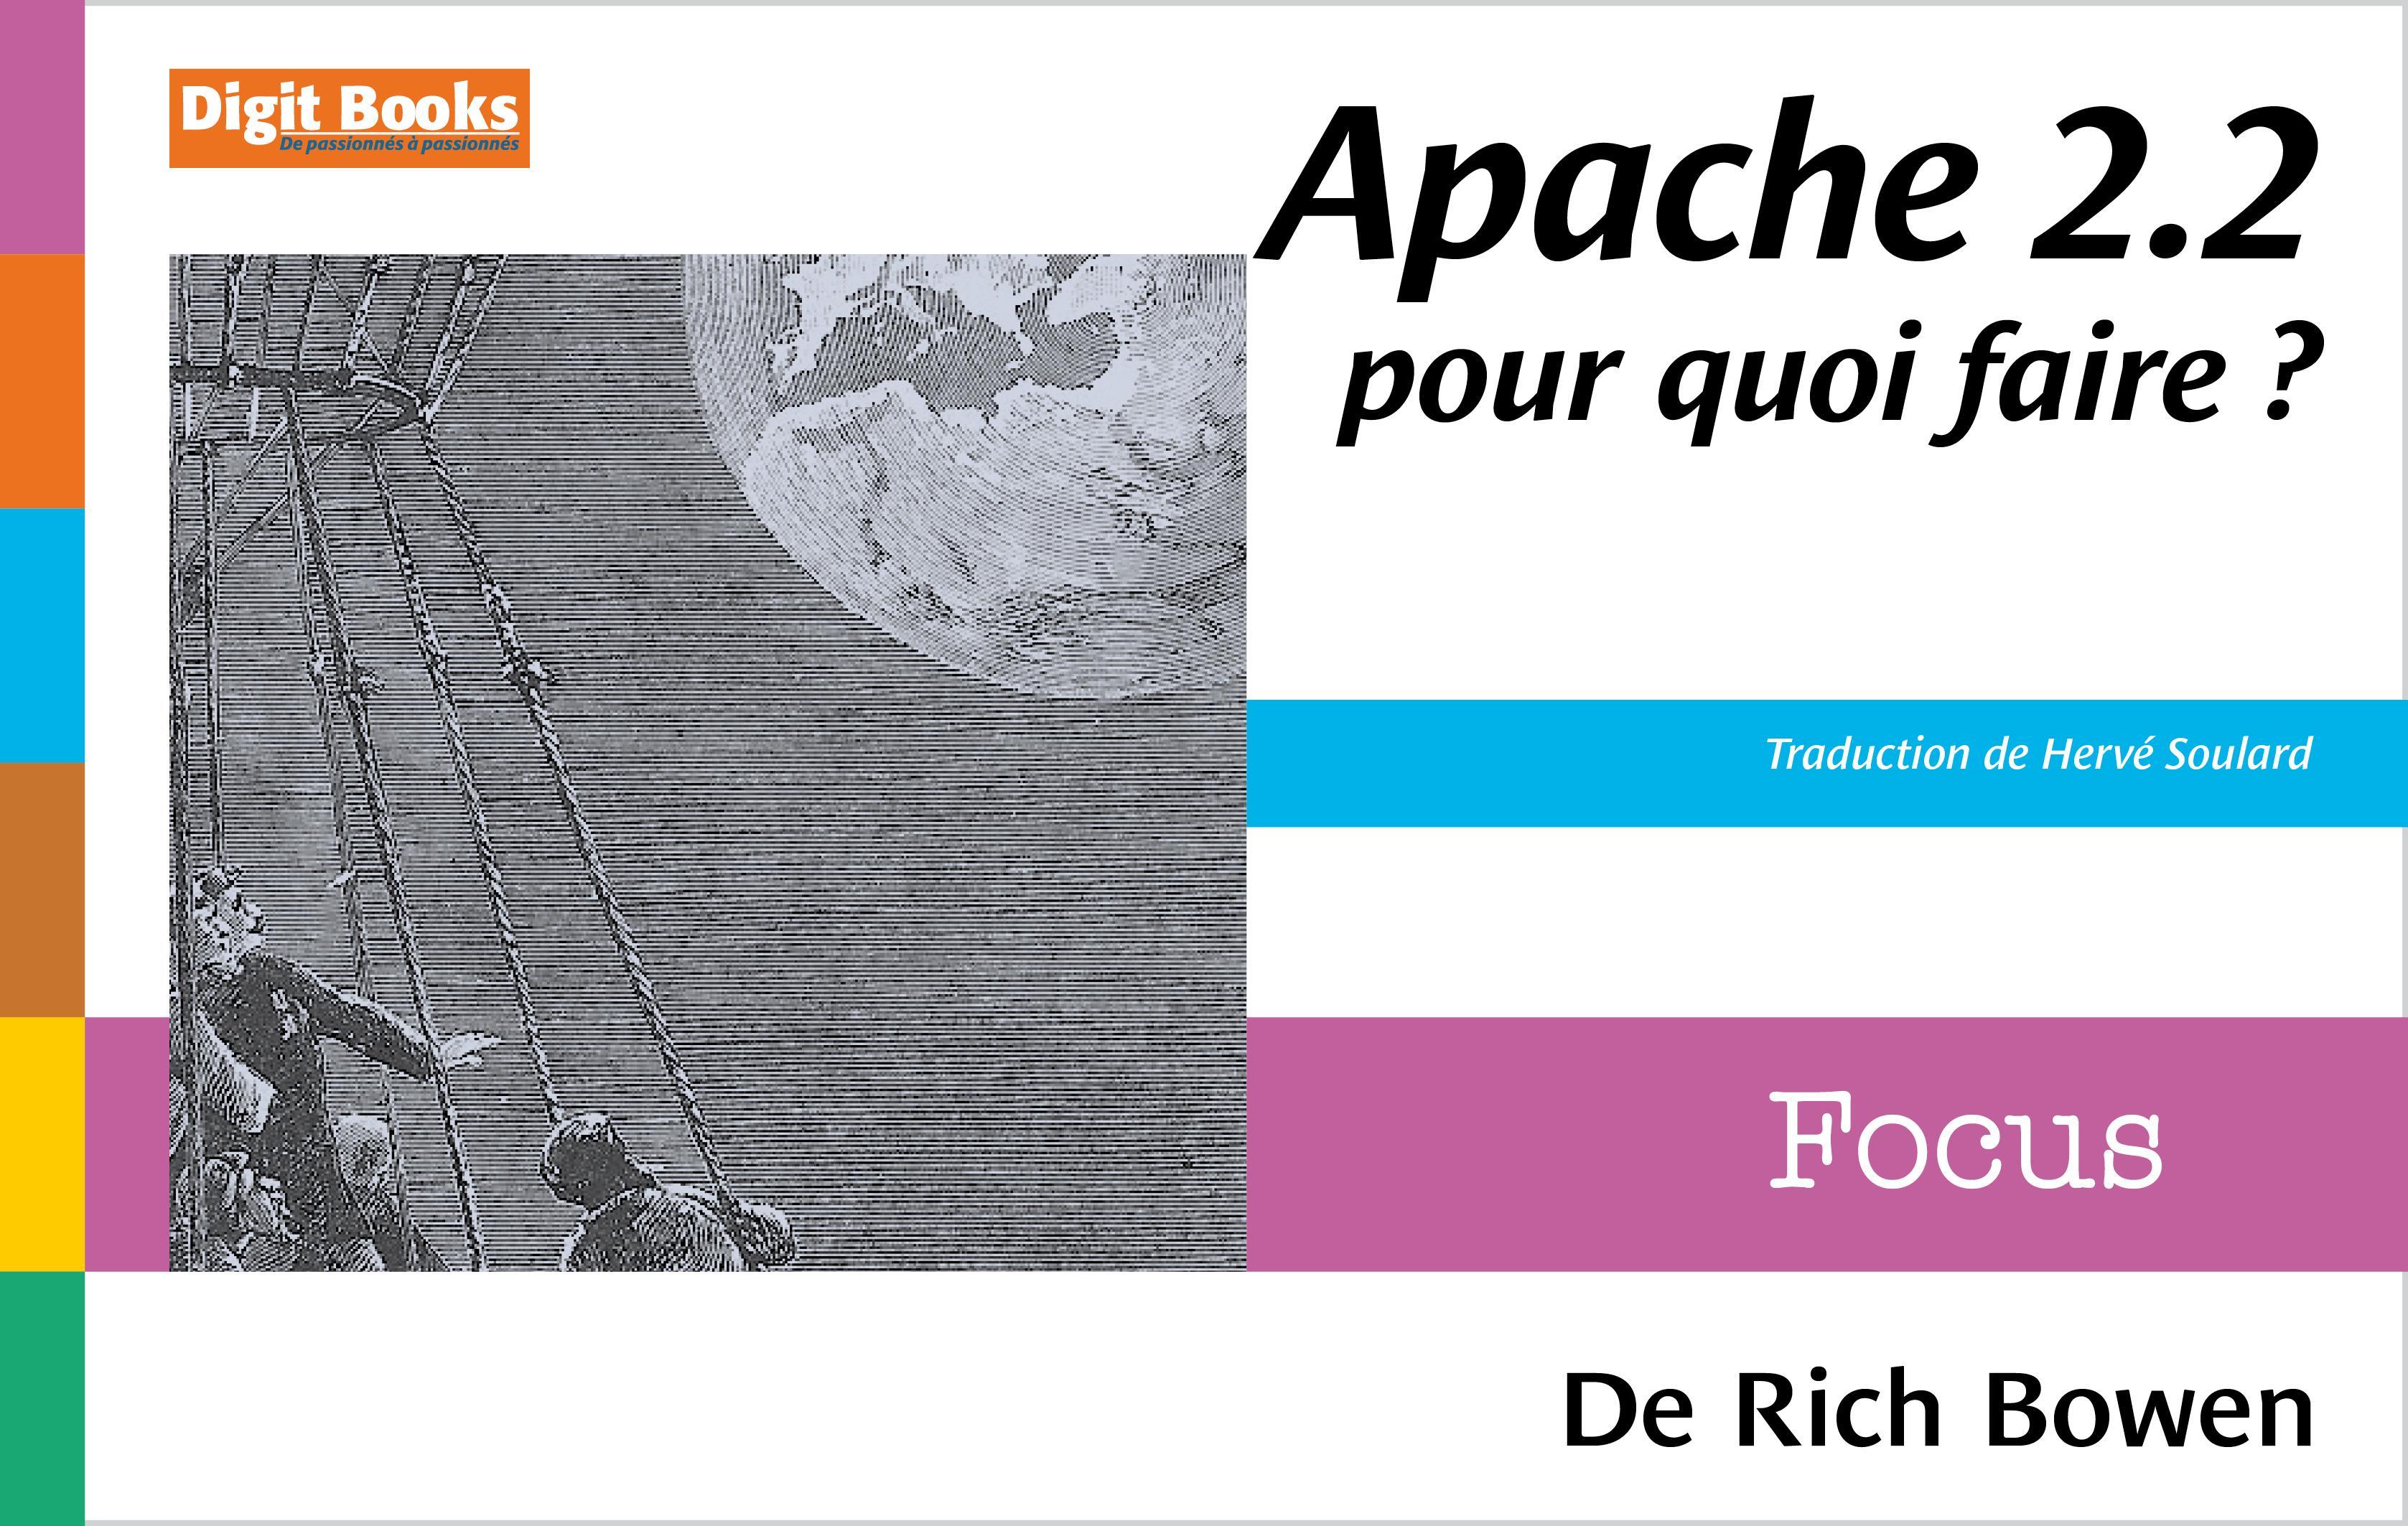 Apache 2.2, pour quoi faire ?